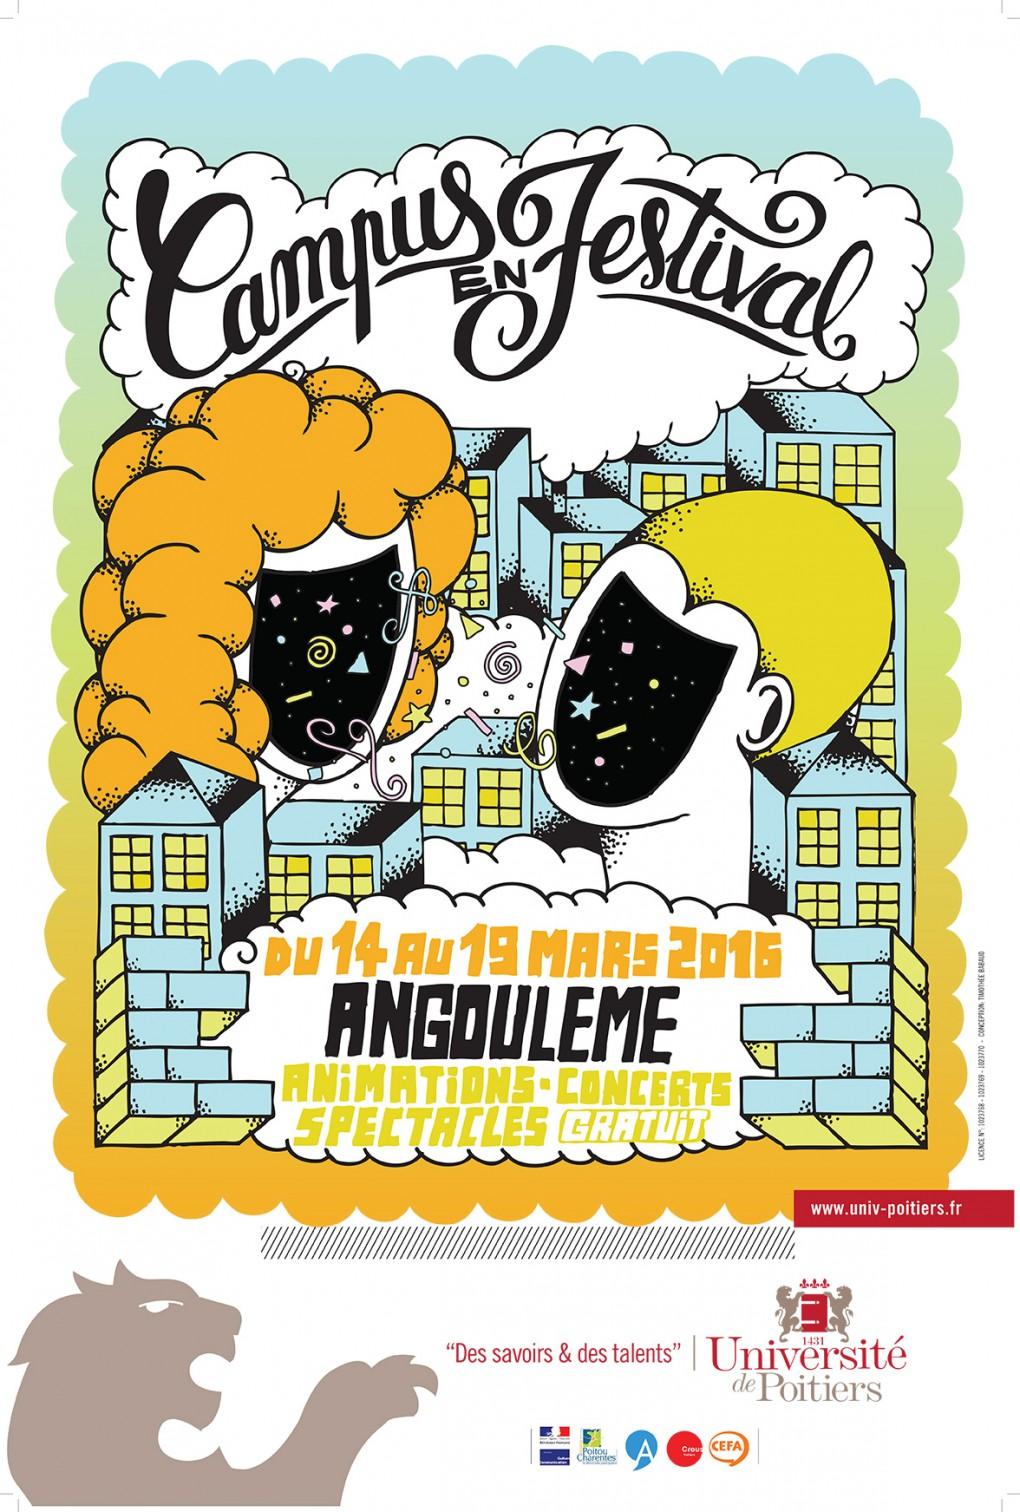 Affiche Campus en Festival Angoulême 2016, très colorée